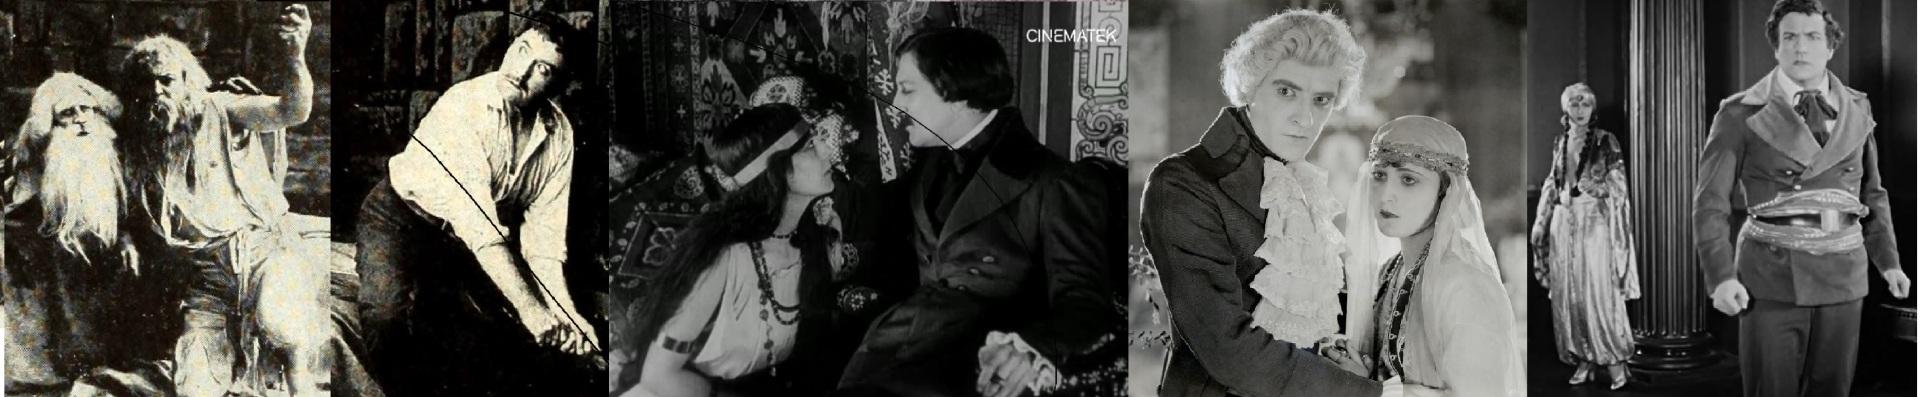 Count_of_Monte_Cristo_1908-29